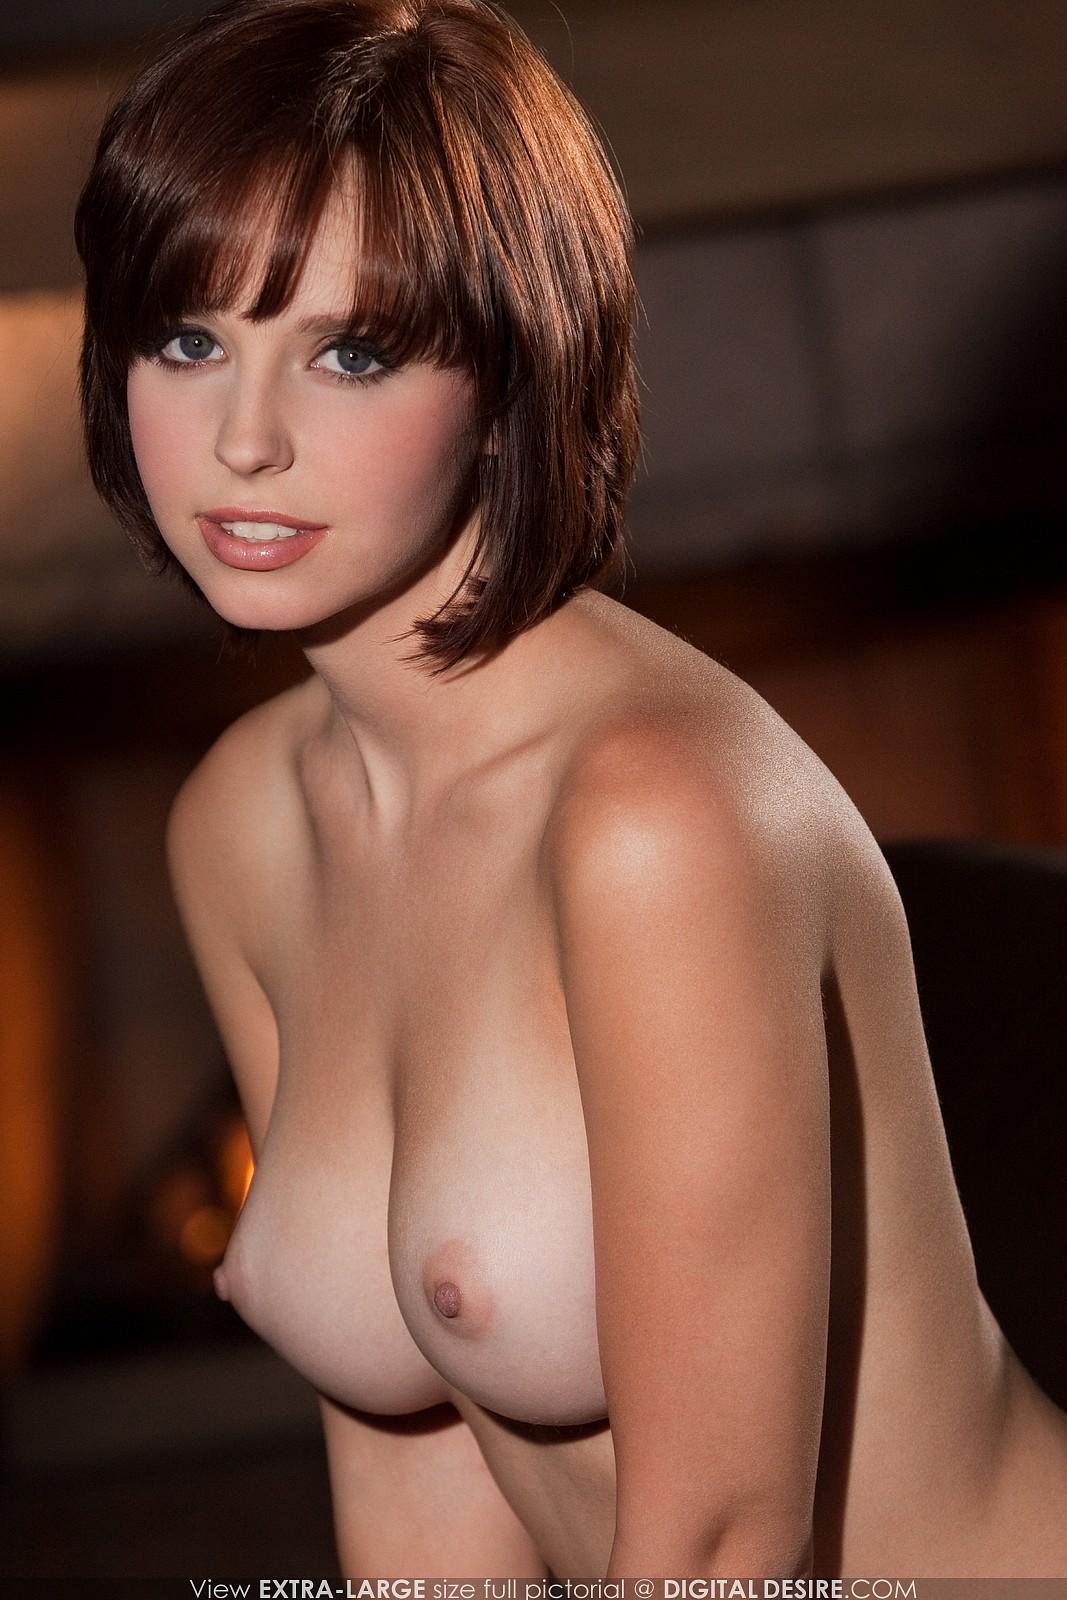 Прическа каре порно фото 8 фотография